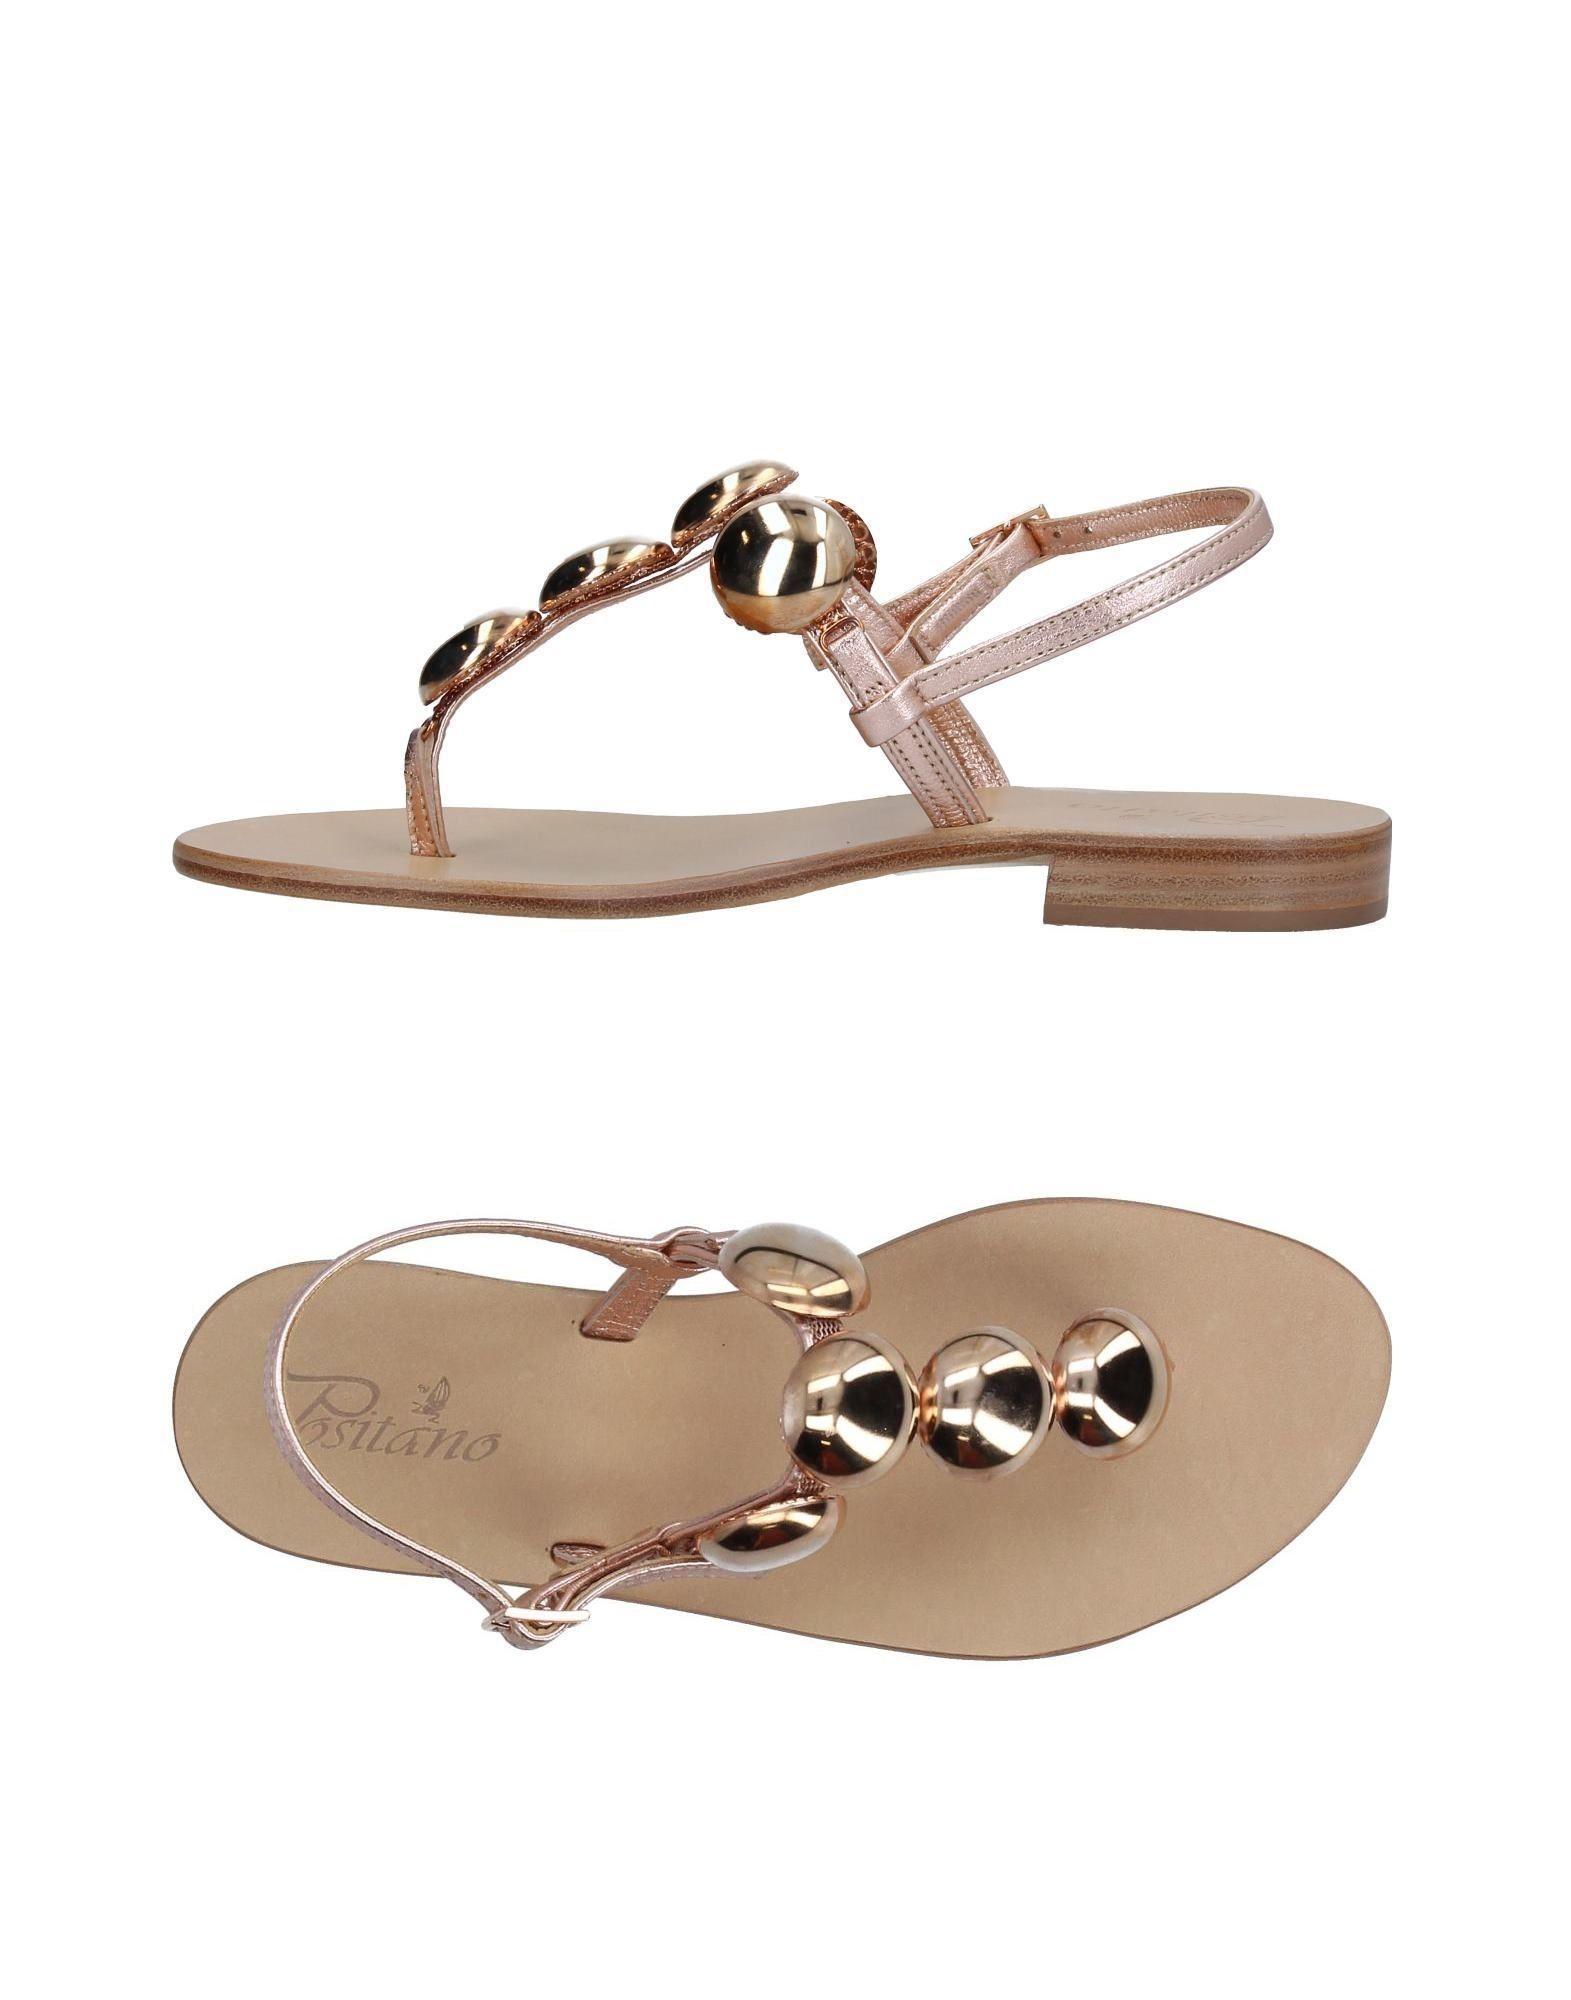 Positano Dianetten Damen  11363353QD Gute Qualität beliebte Schuhe